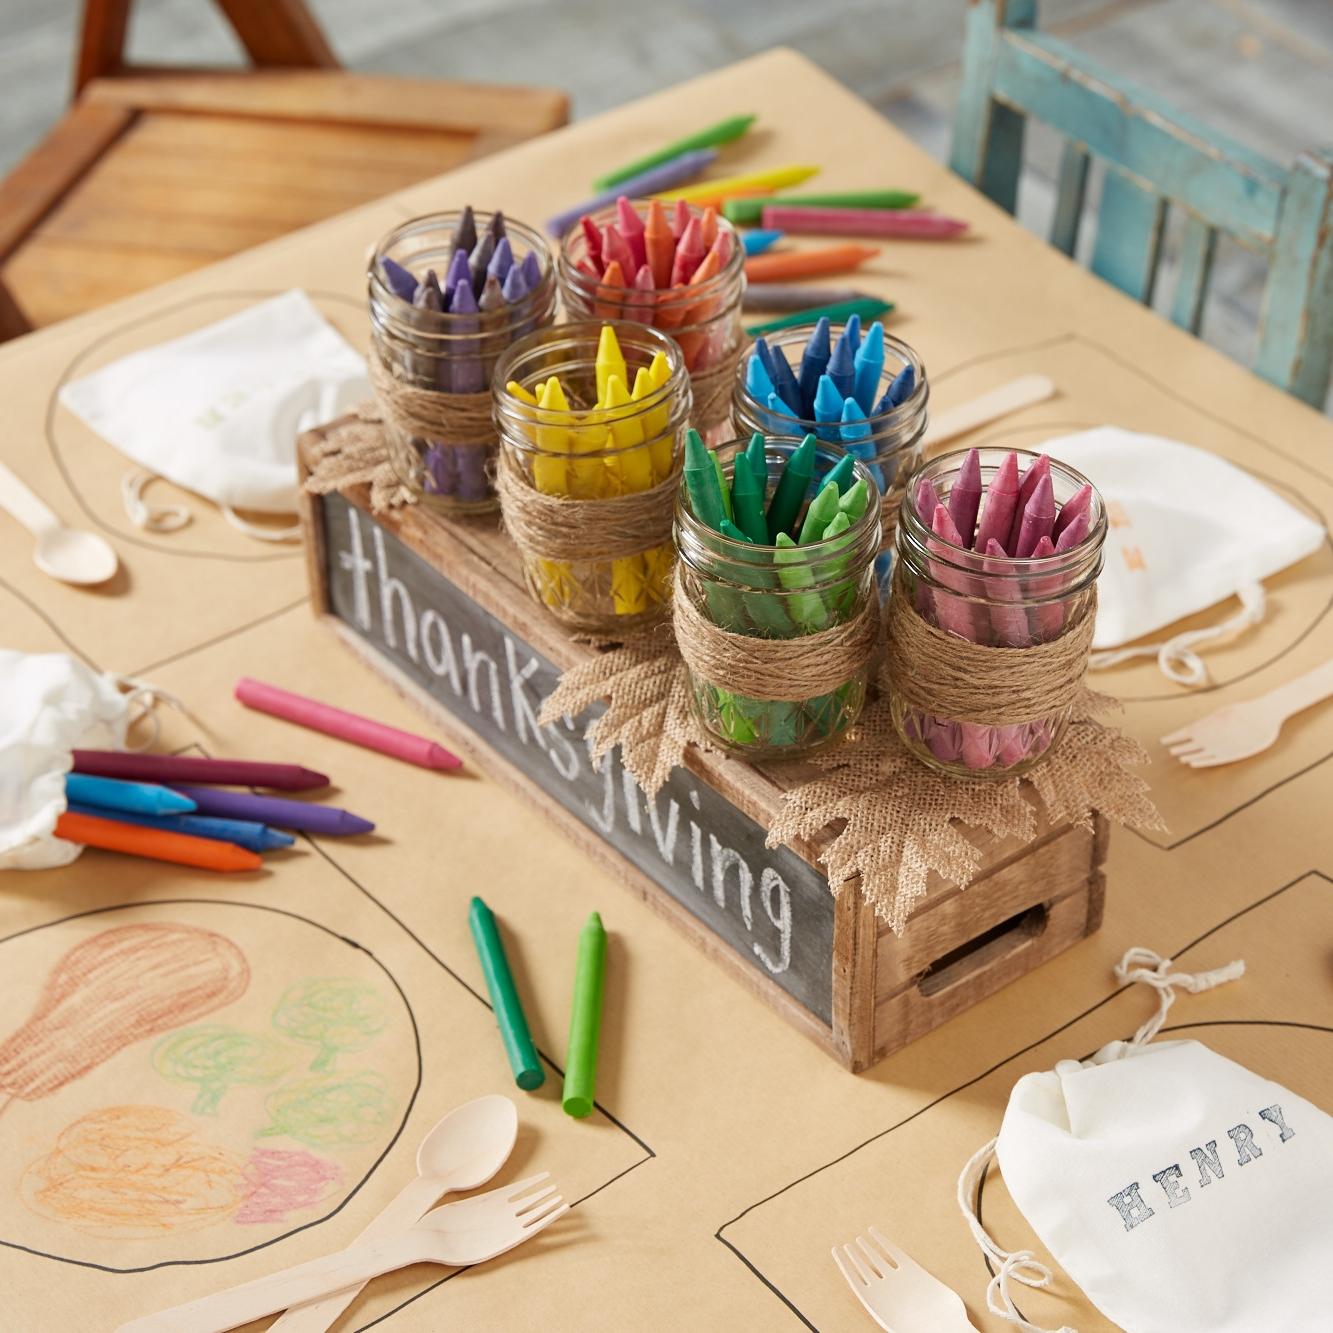 Thanksgiving Kids Table  for  Oshkosh B'Gosh |  Steve Pomberg